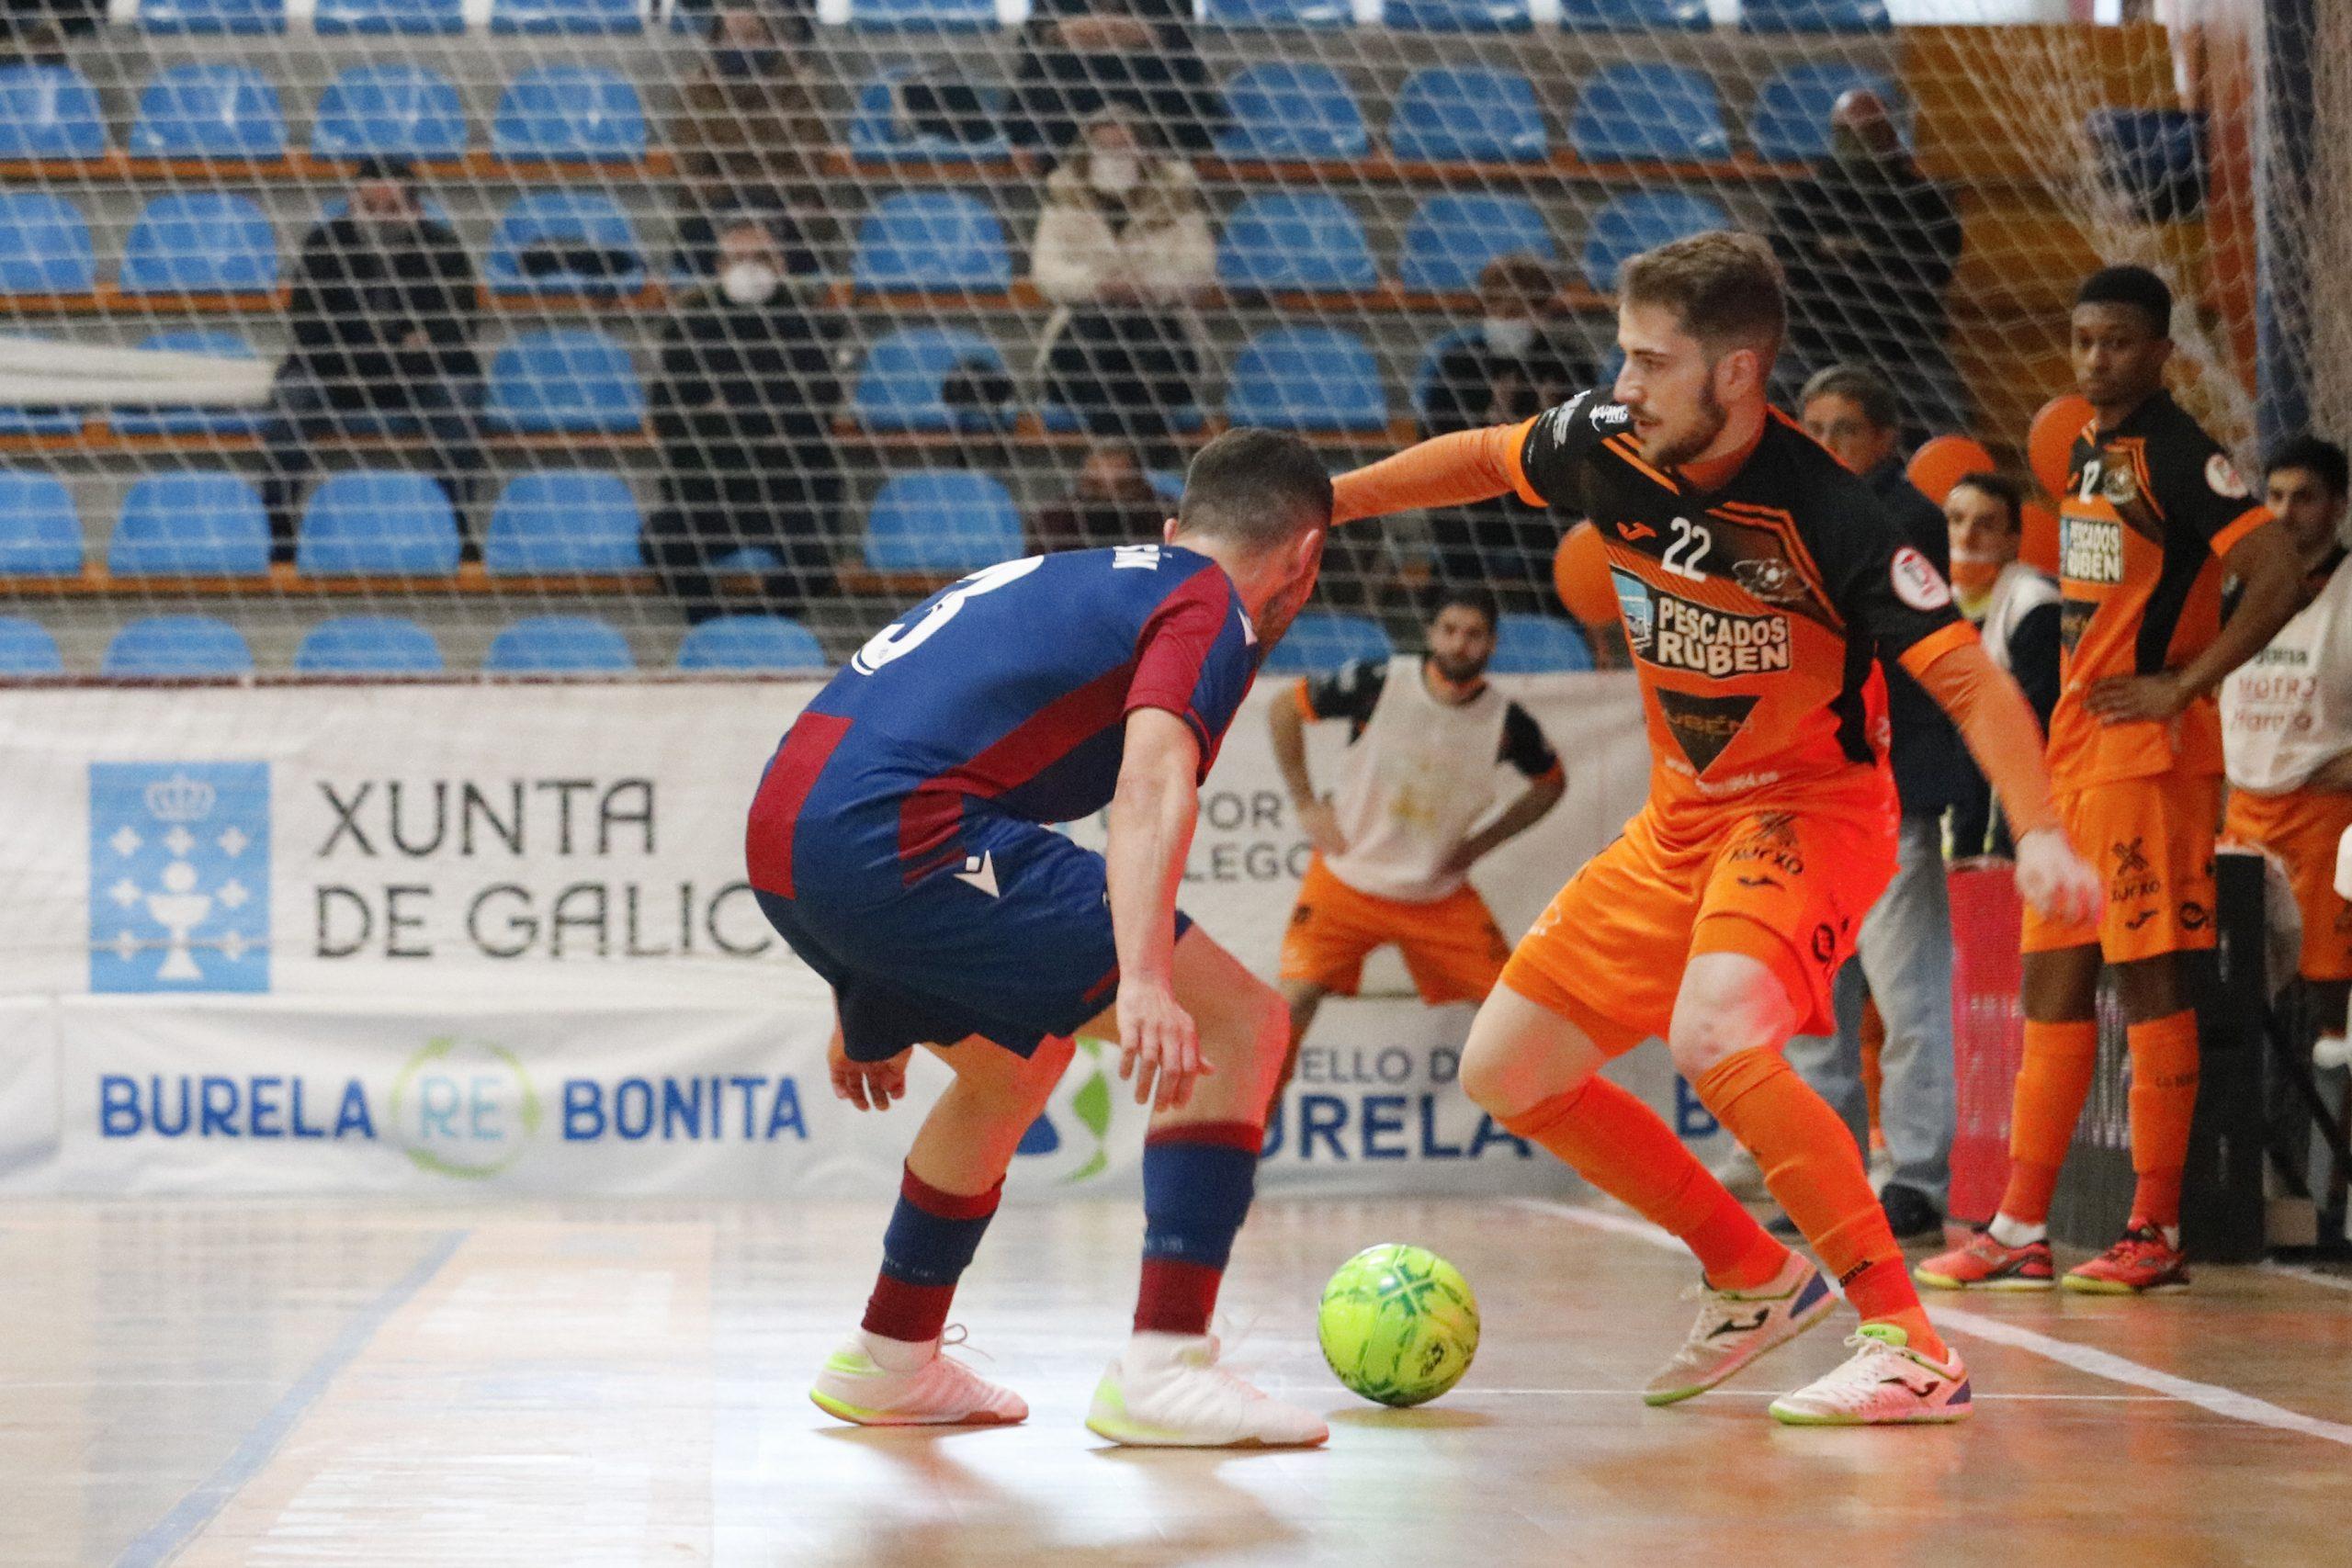 Gran vitoria do Pescados Rubén fronte ao Levante (3-1)